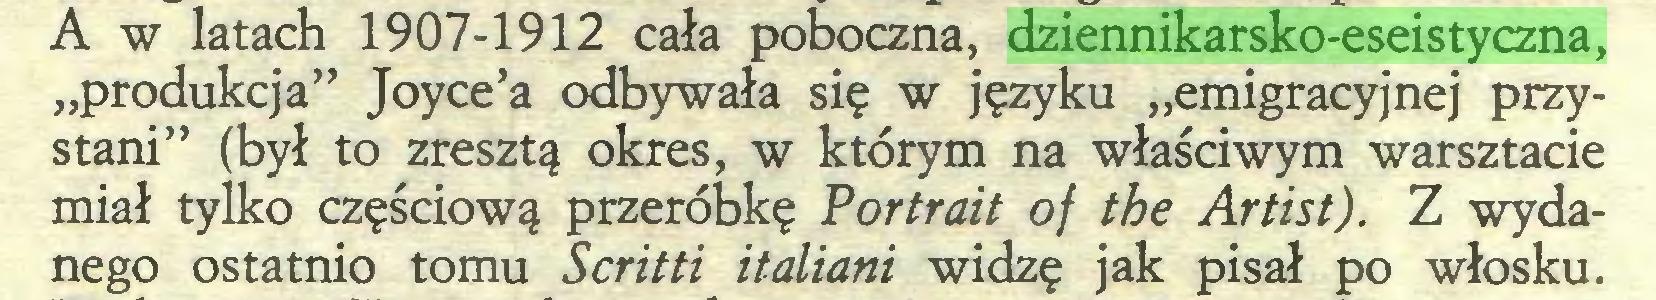 """(...) A w latach 1907-1912 cała poboczna, dziennikarsko-eseistyczna, """"produkcja"""" Joyce'a odbywała się w języku """"emigracyjnej przystani"""" (był to zresztą okres, w którym na właściwym warsztacie miał tylko częściową przeróbkę Portrait of the Artist). Z wydanego ostatnio tomu Scritti italiani widzę jak pisał po włosku..."""